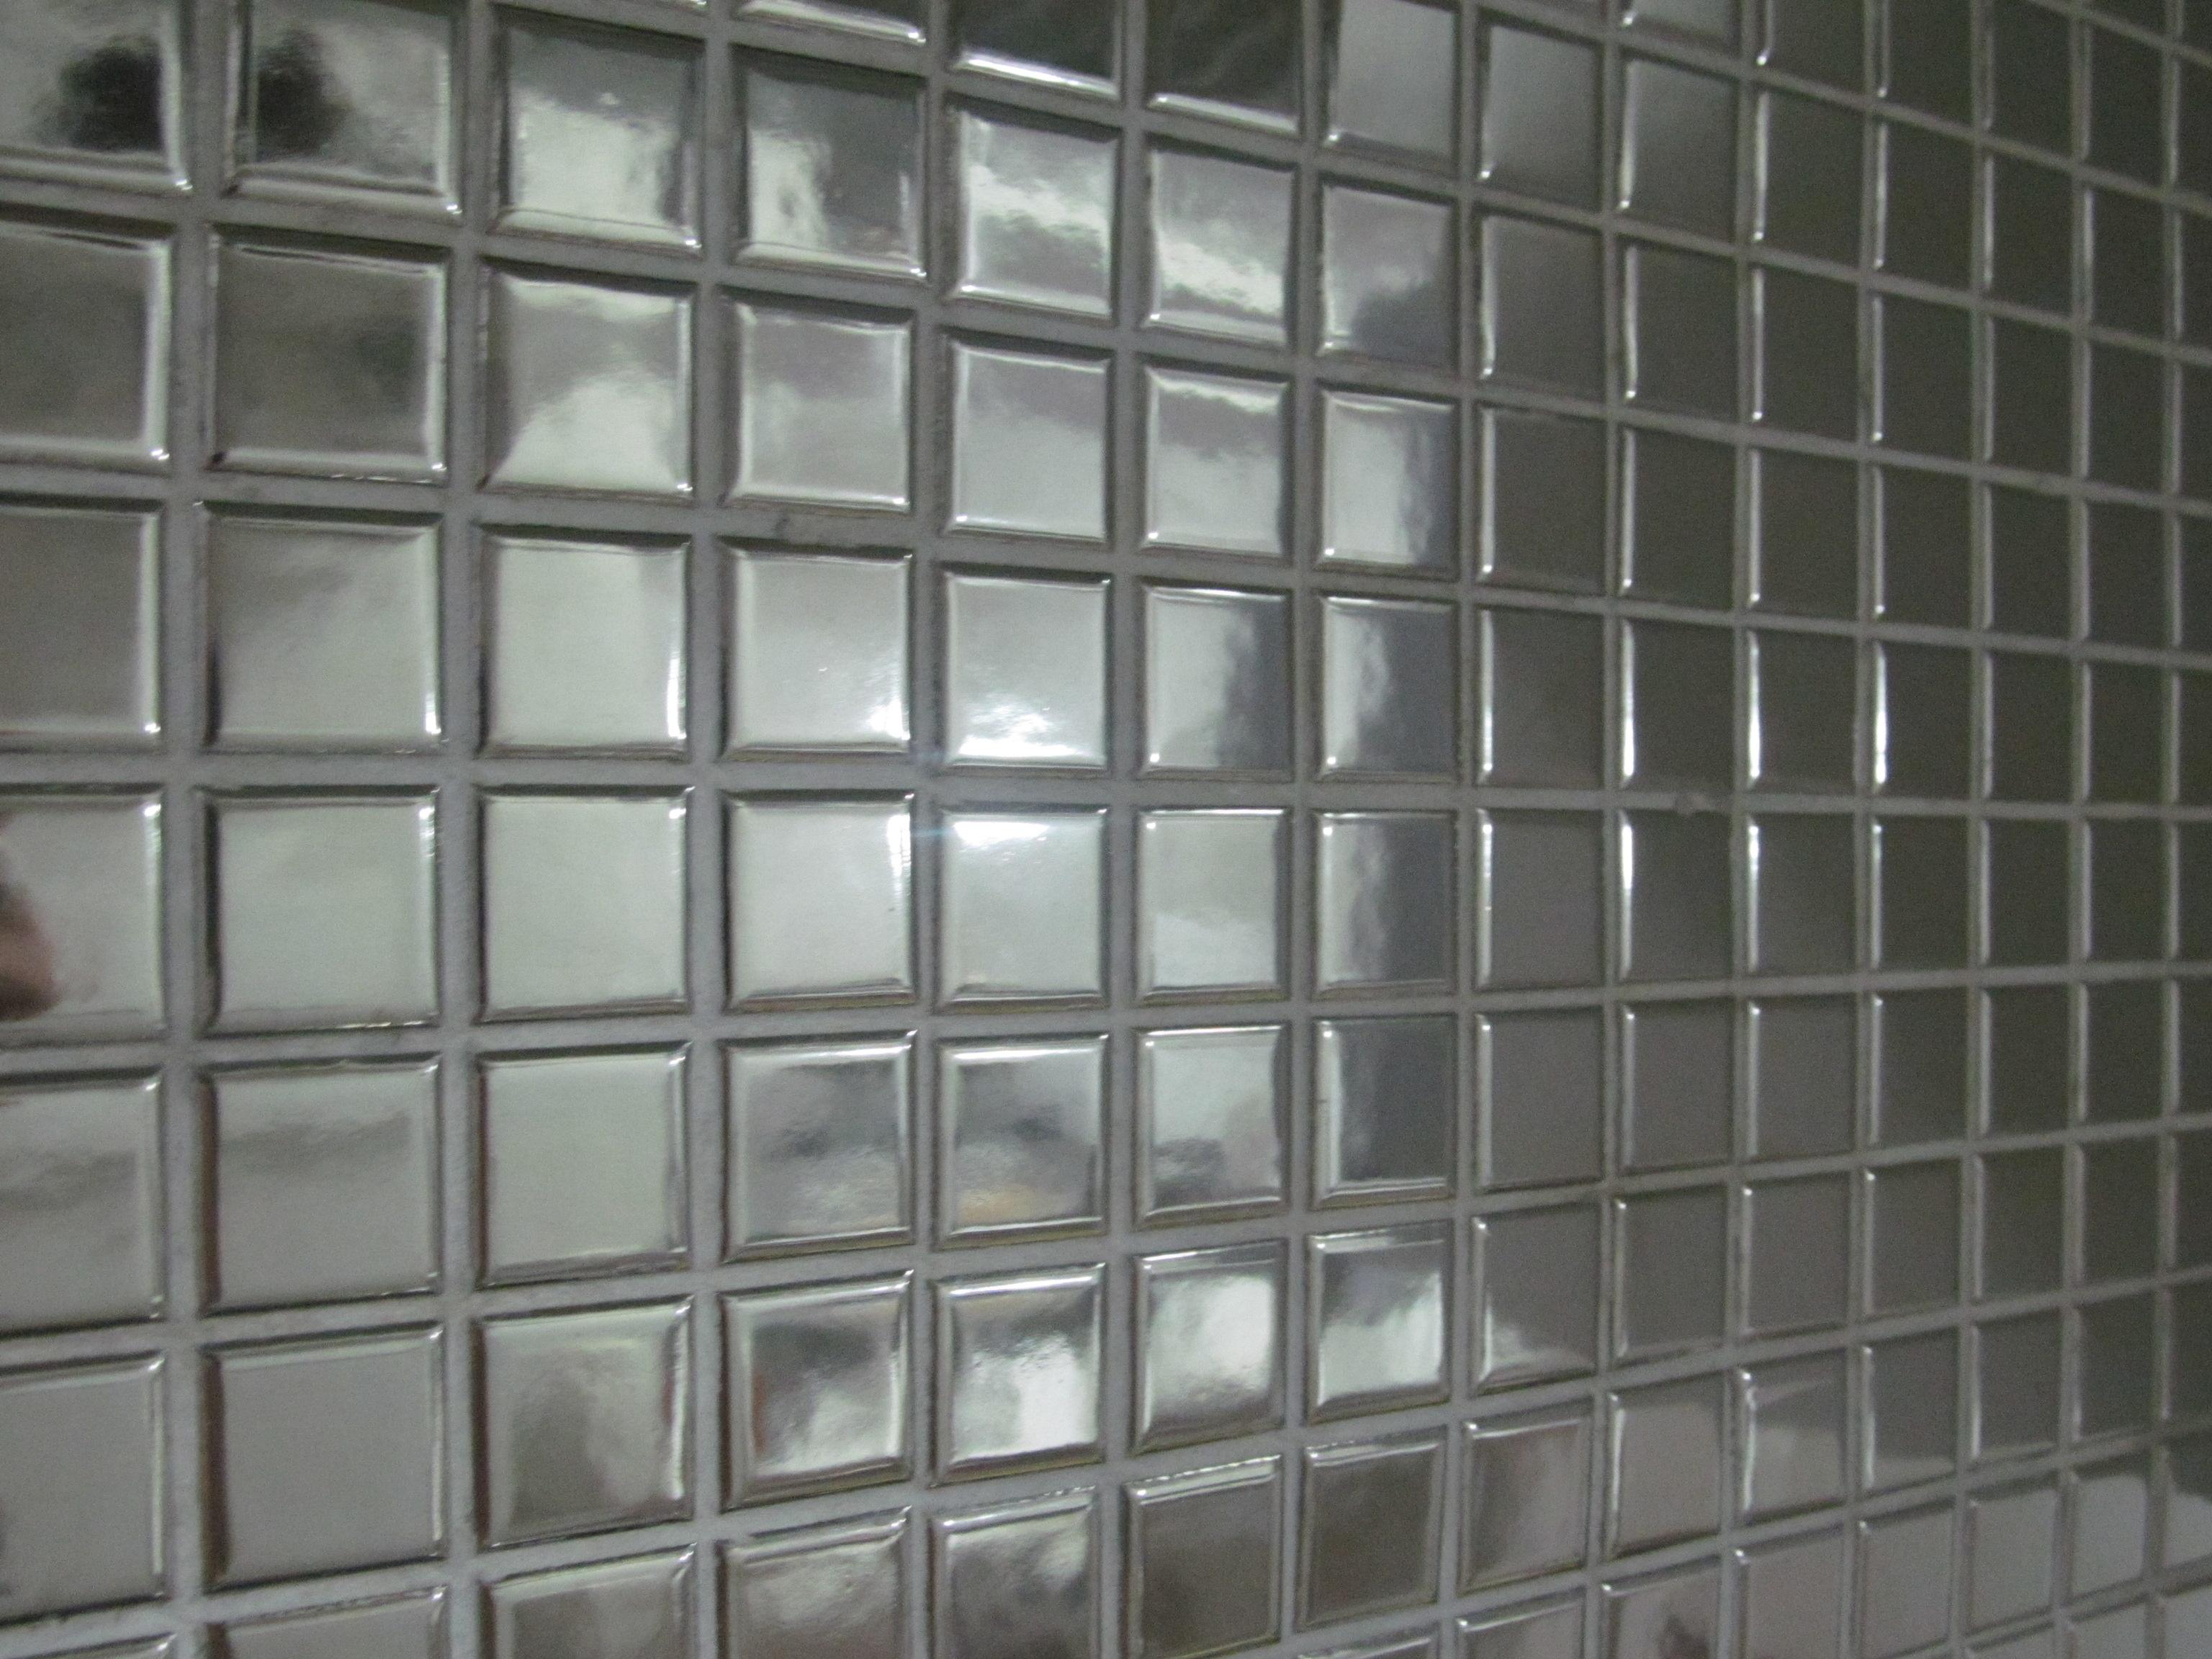 como limpar pastilhas a saga do apartamento #5E6D65 3072x2304 Banheiro Branco Como Limpar